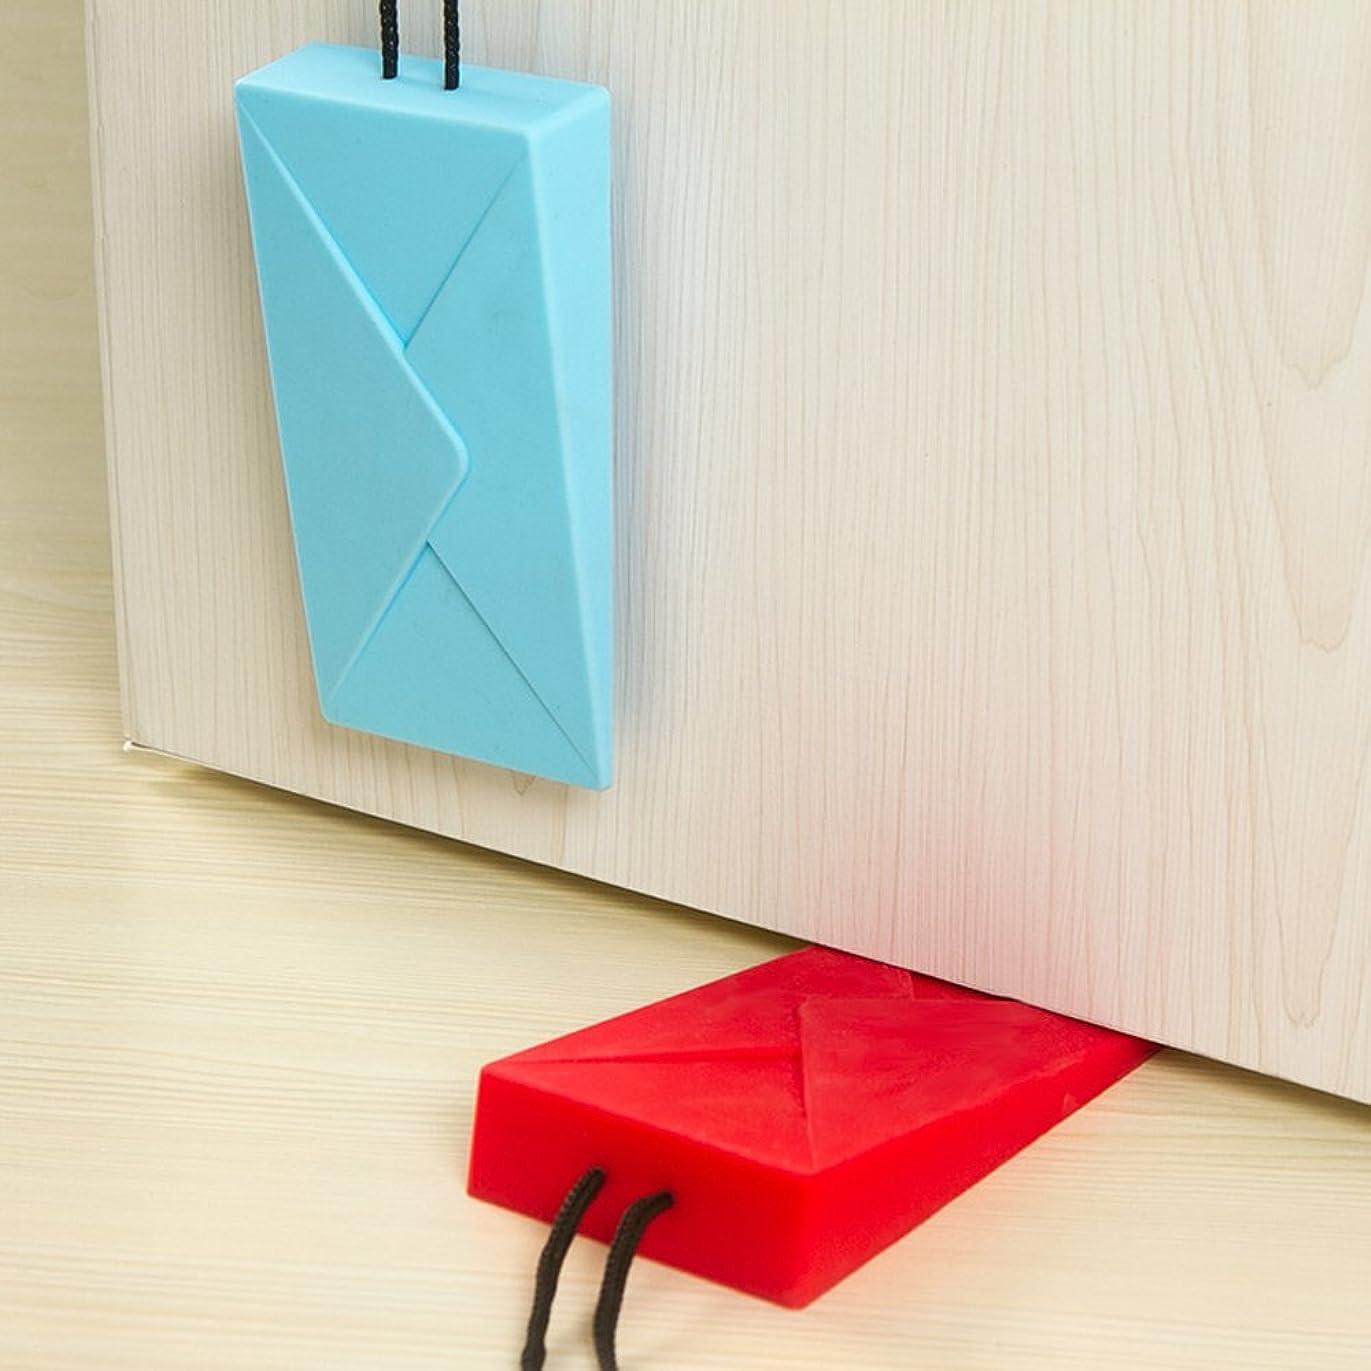 パーチナシティサイクロプス摂氏度封筒型ドアストッパー ドア止め 弾性ある シリコン製 耐震ストッパー 転倒防止 ドアホルダー 玄関 室内に適用 (レッド)